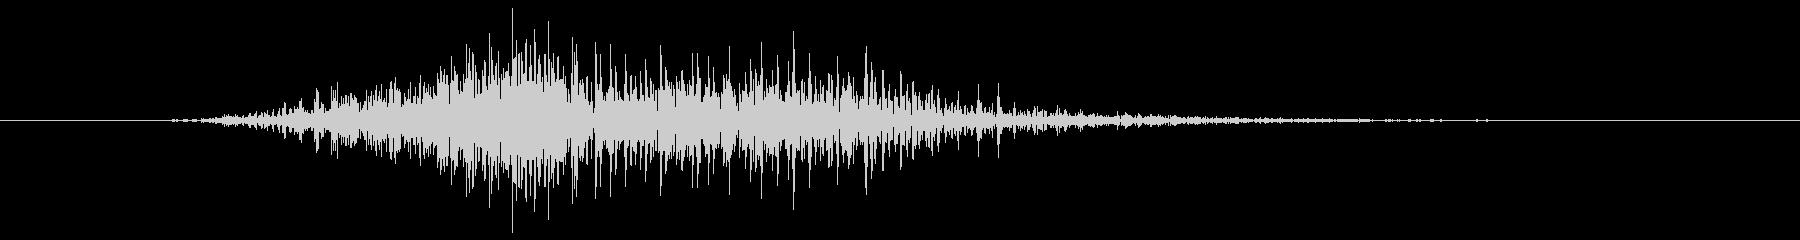 鳴き声 男性ファイトインテンス03の未再生の波形